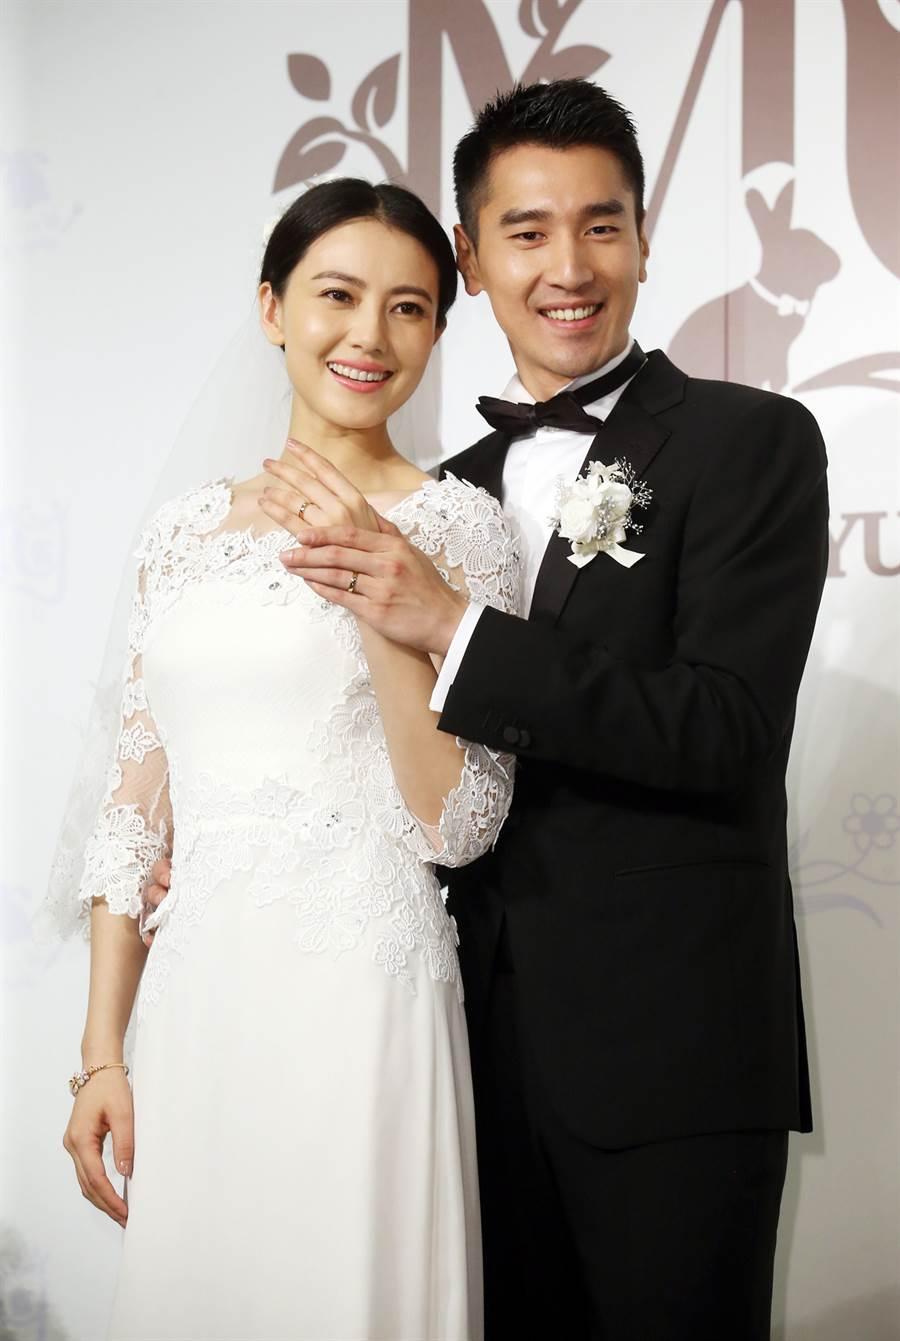 高圓圓與趙又廷結婚6年,並在去年喜迎女兒出生。(圖/本報系資料照片)